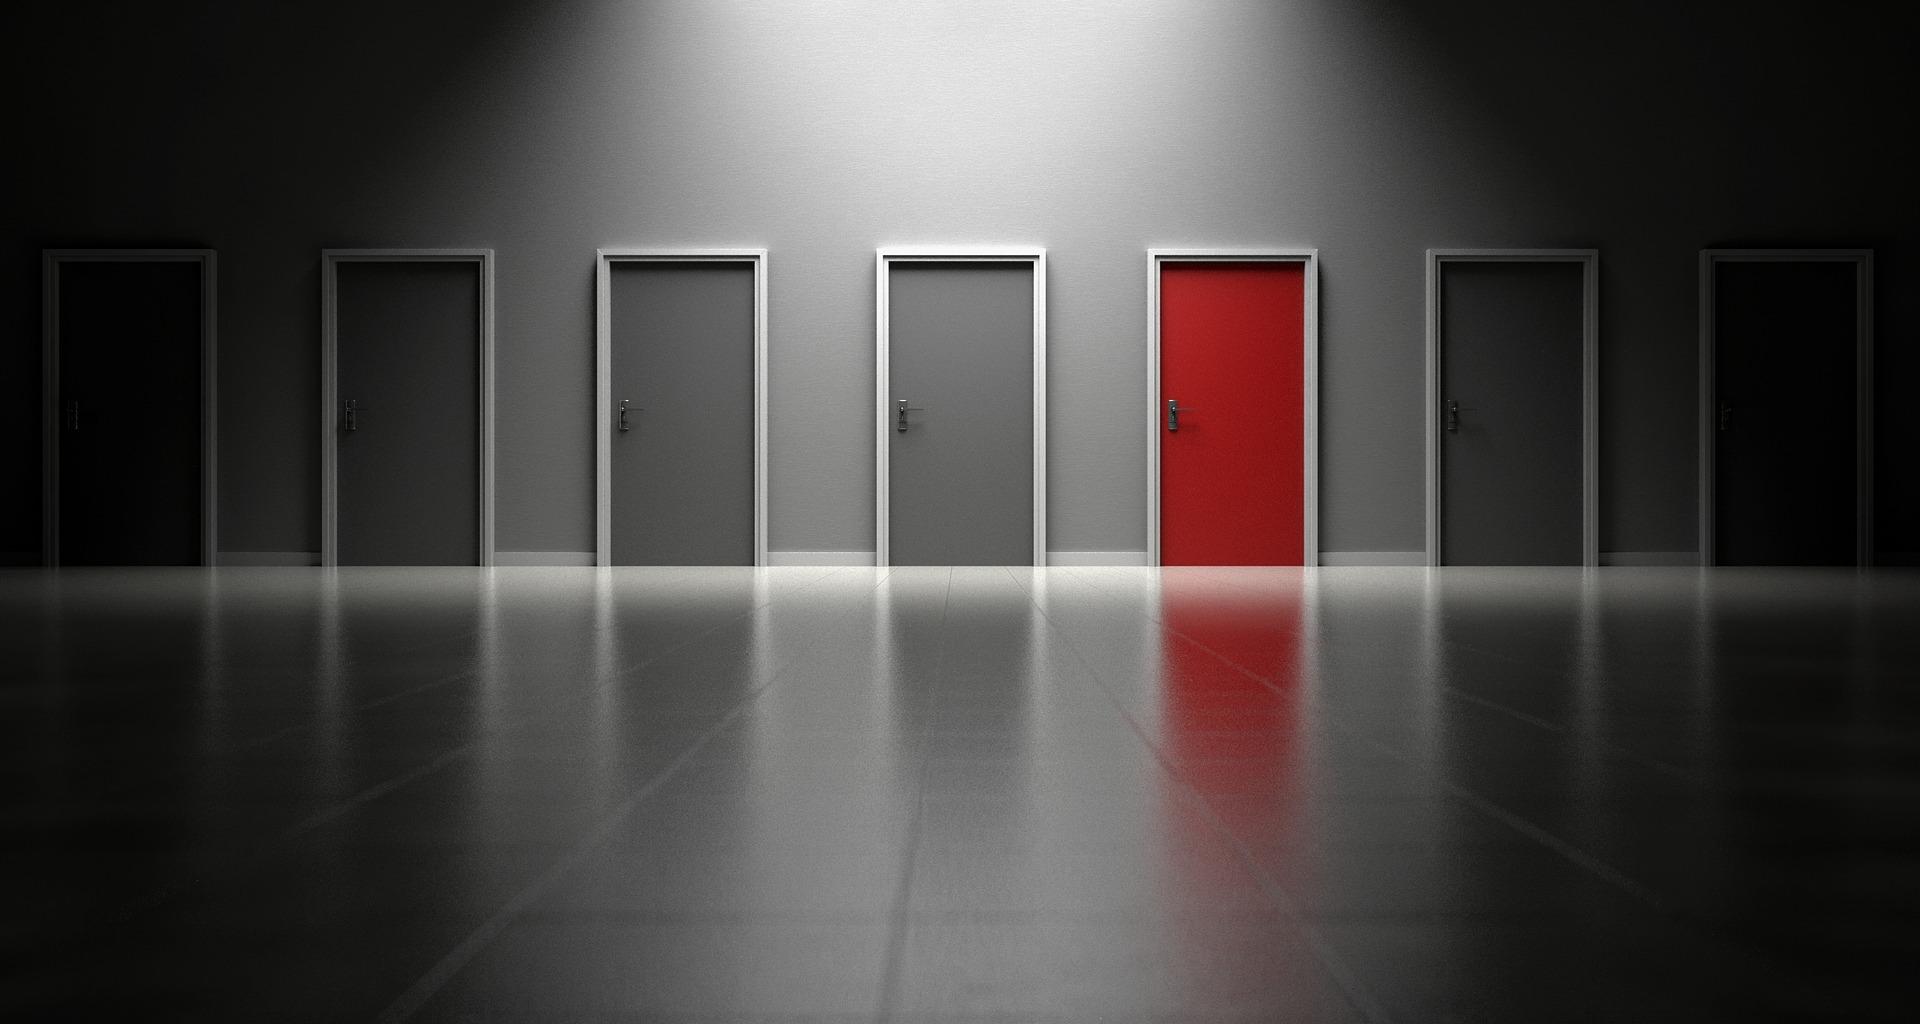 Beslutsstöd genom dataanalys - tänk i nya banor